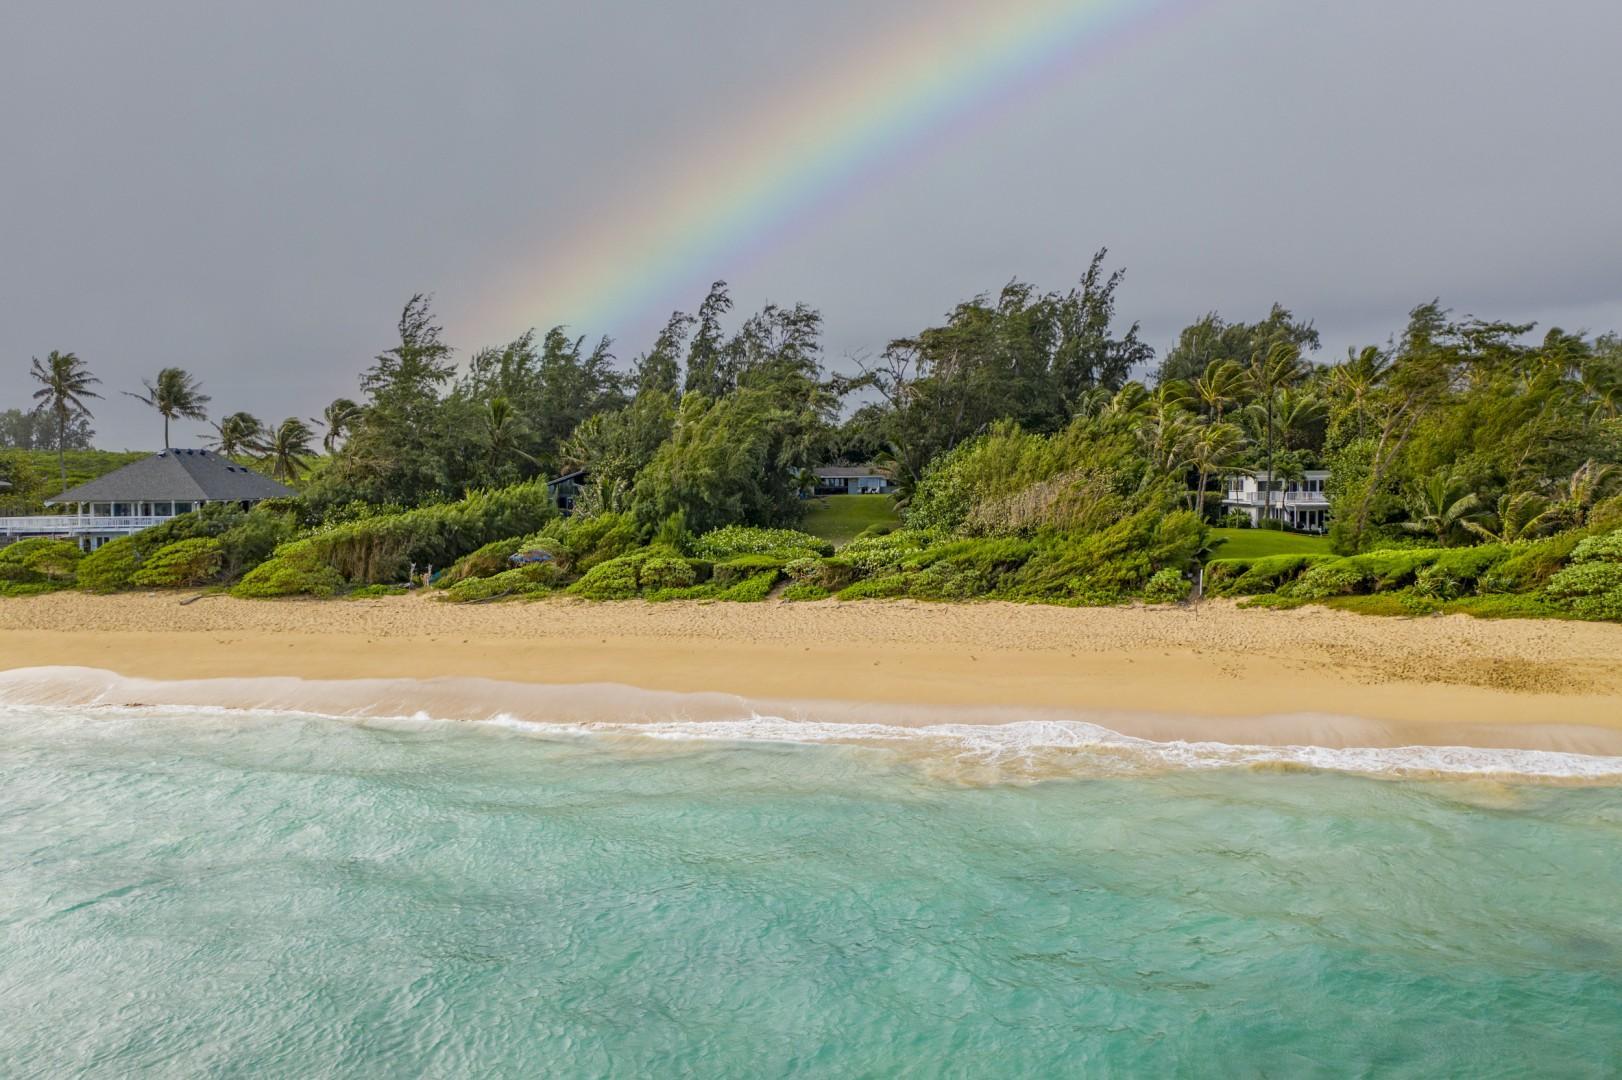 Rainbows everyday